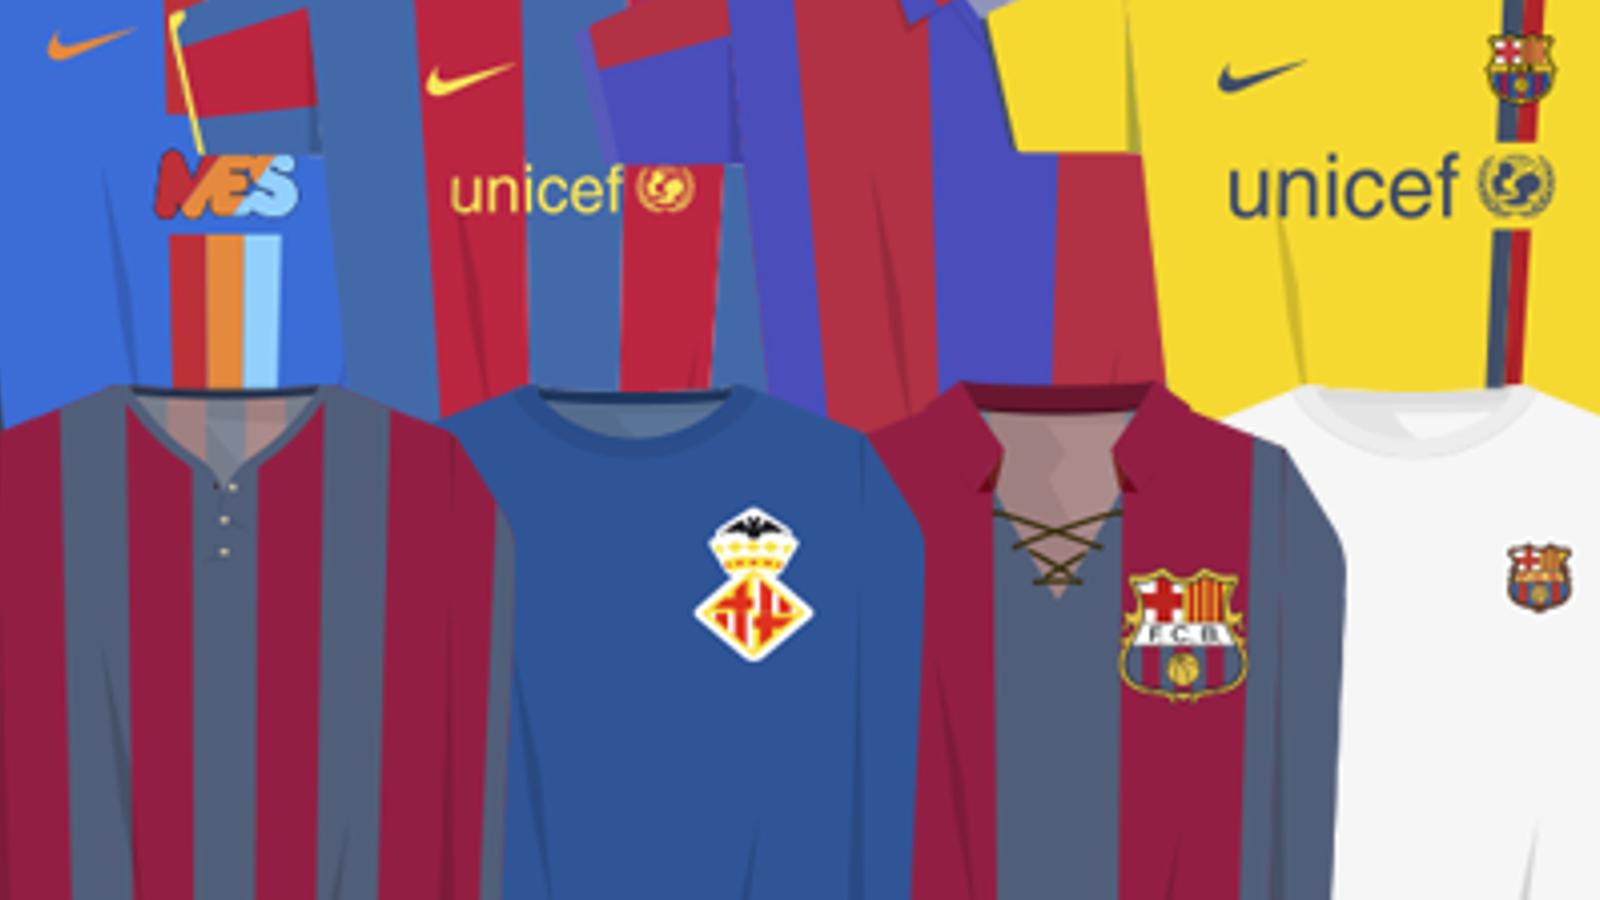 ESPECIAL: Totes les equipacions de la història del Barça